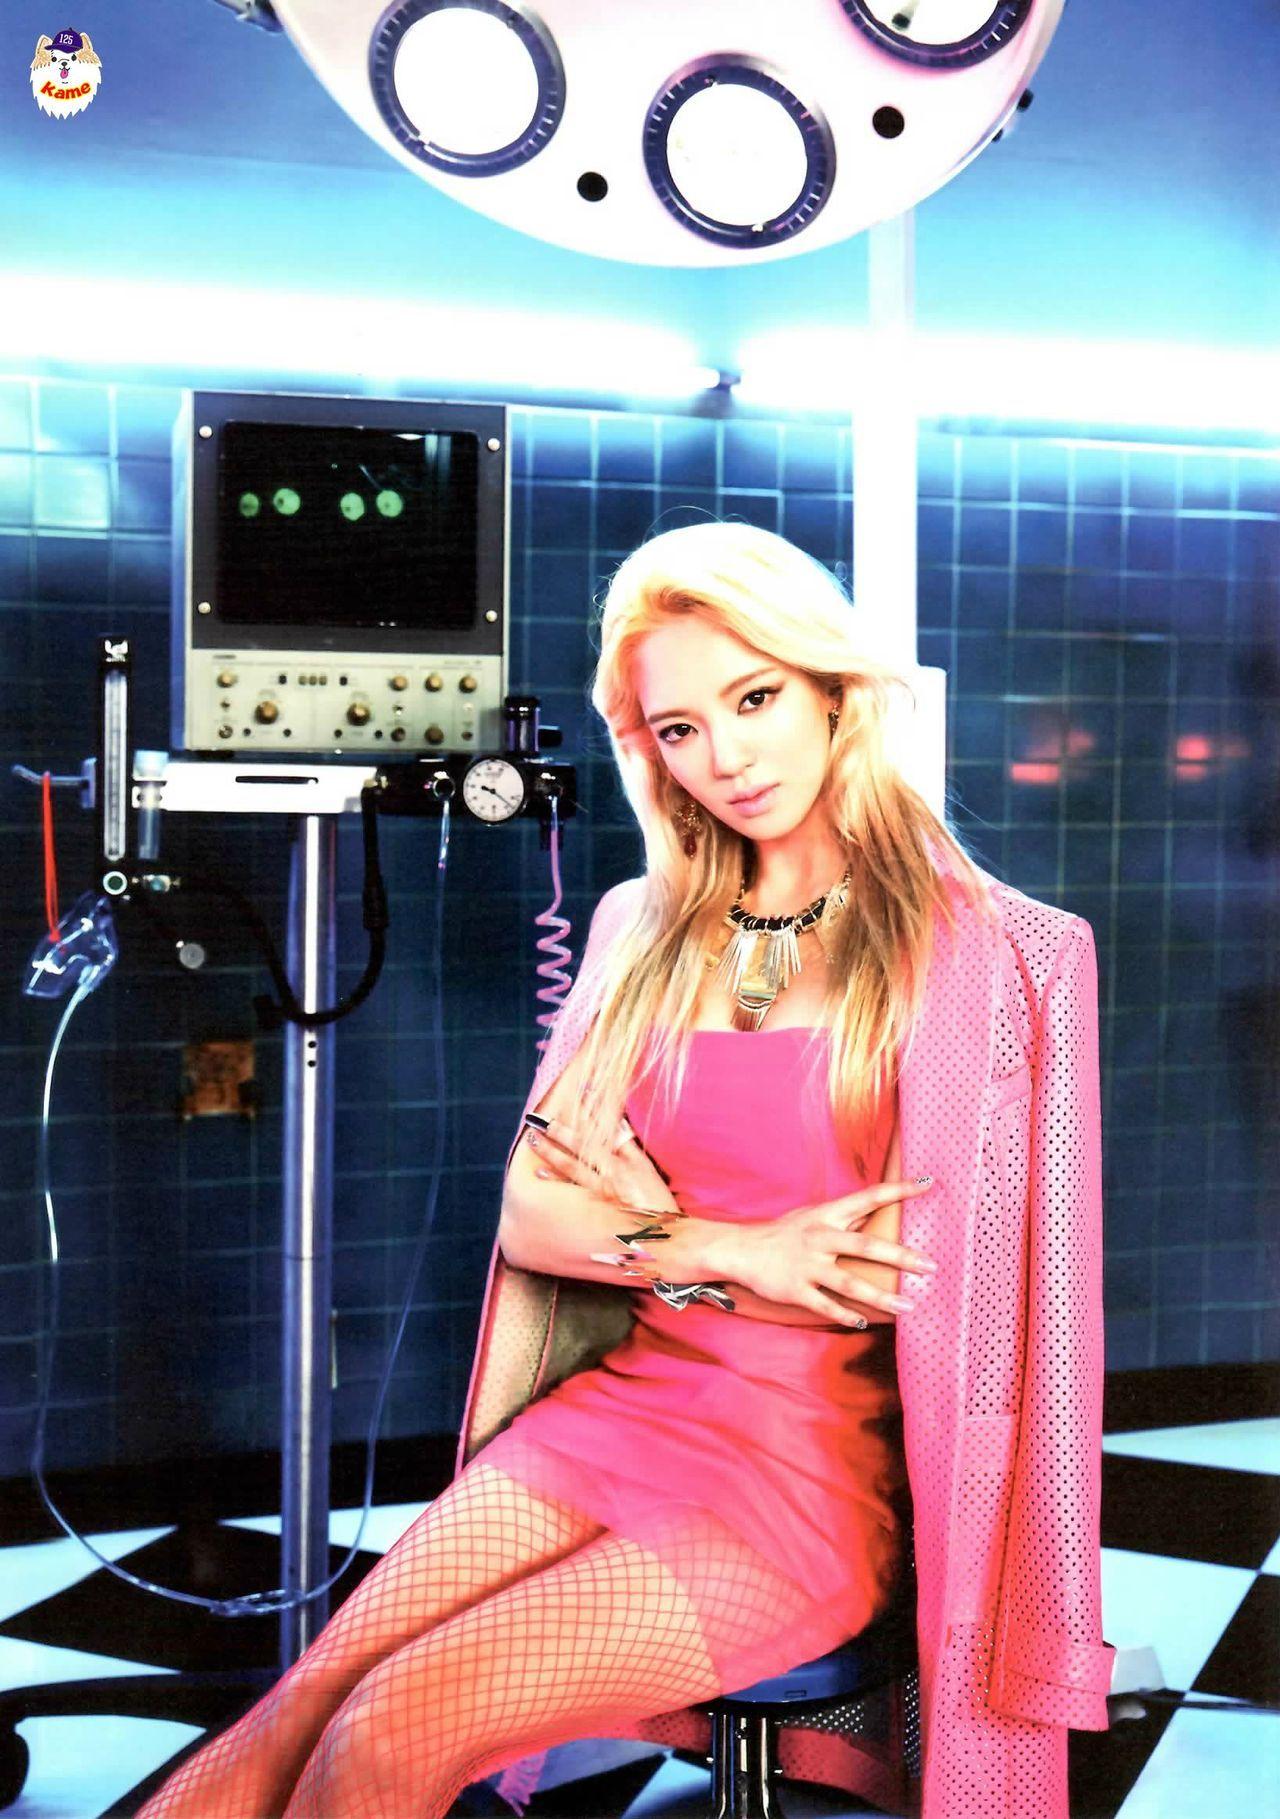 #hyoyeon #mrmr